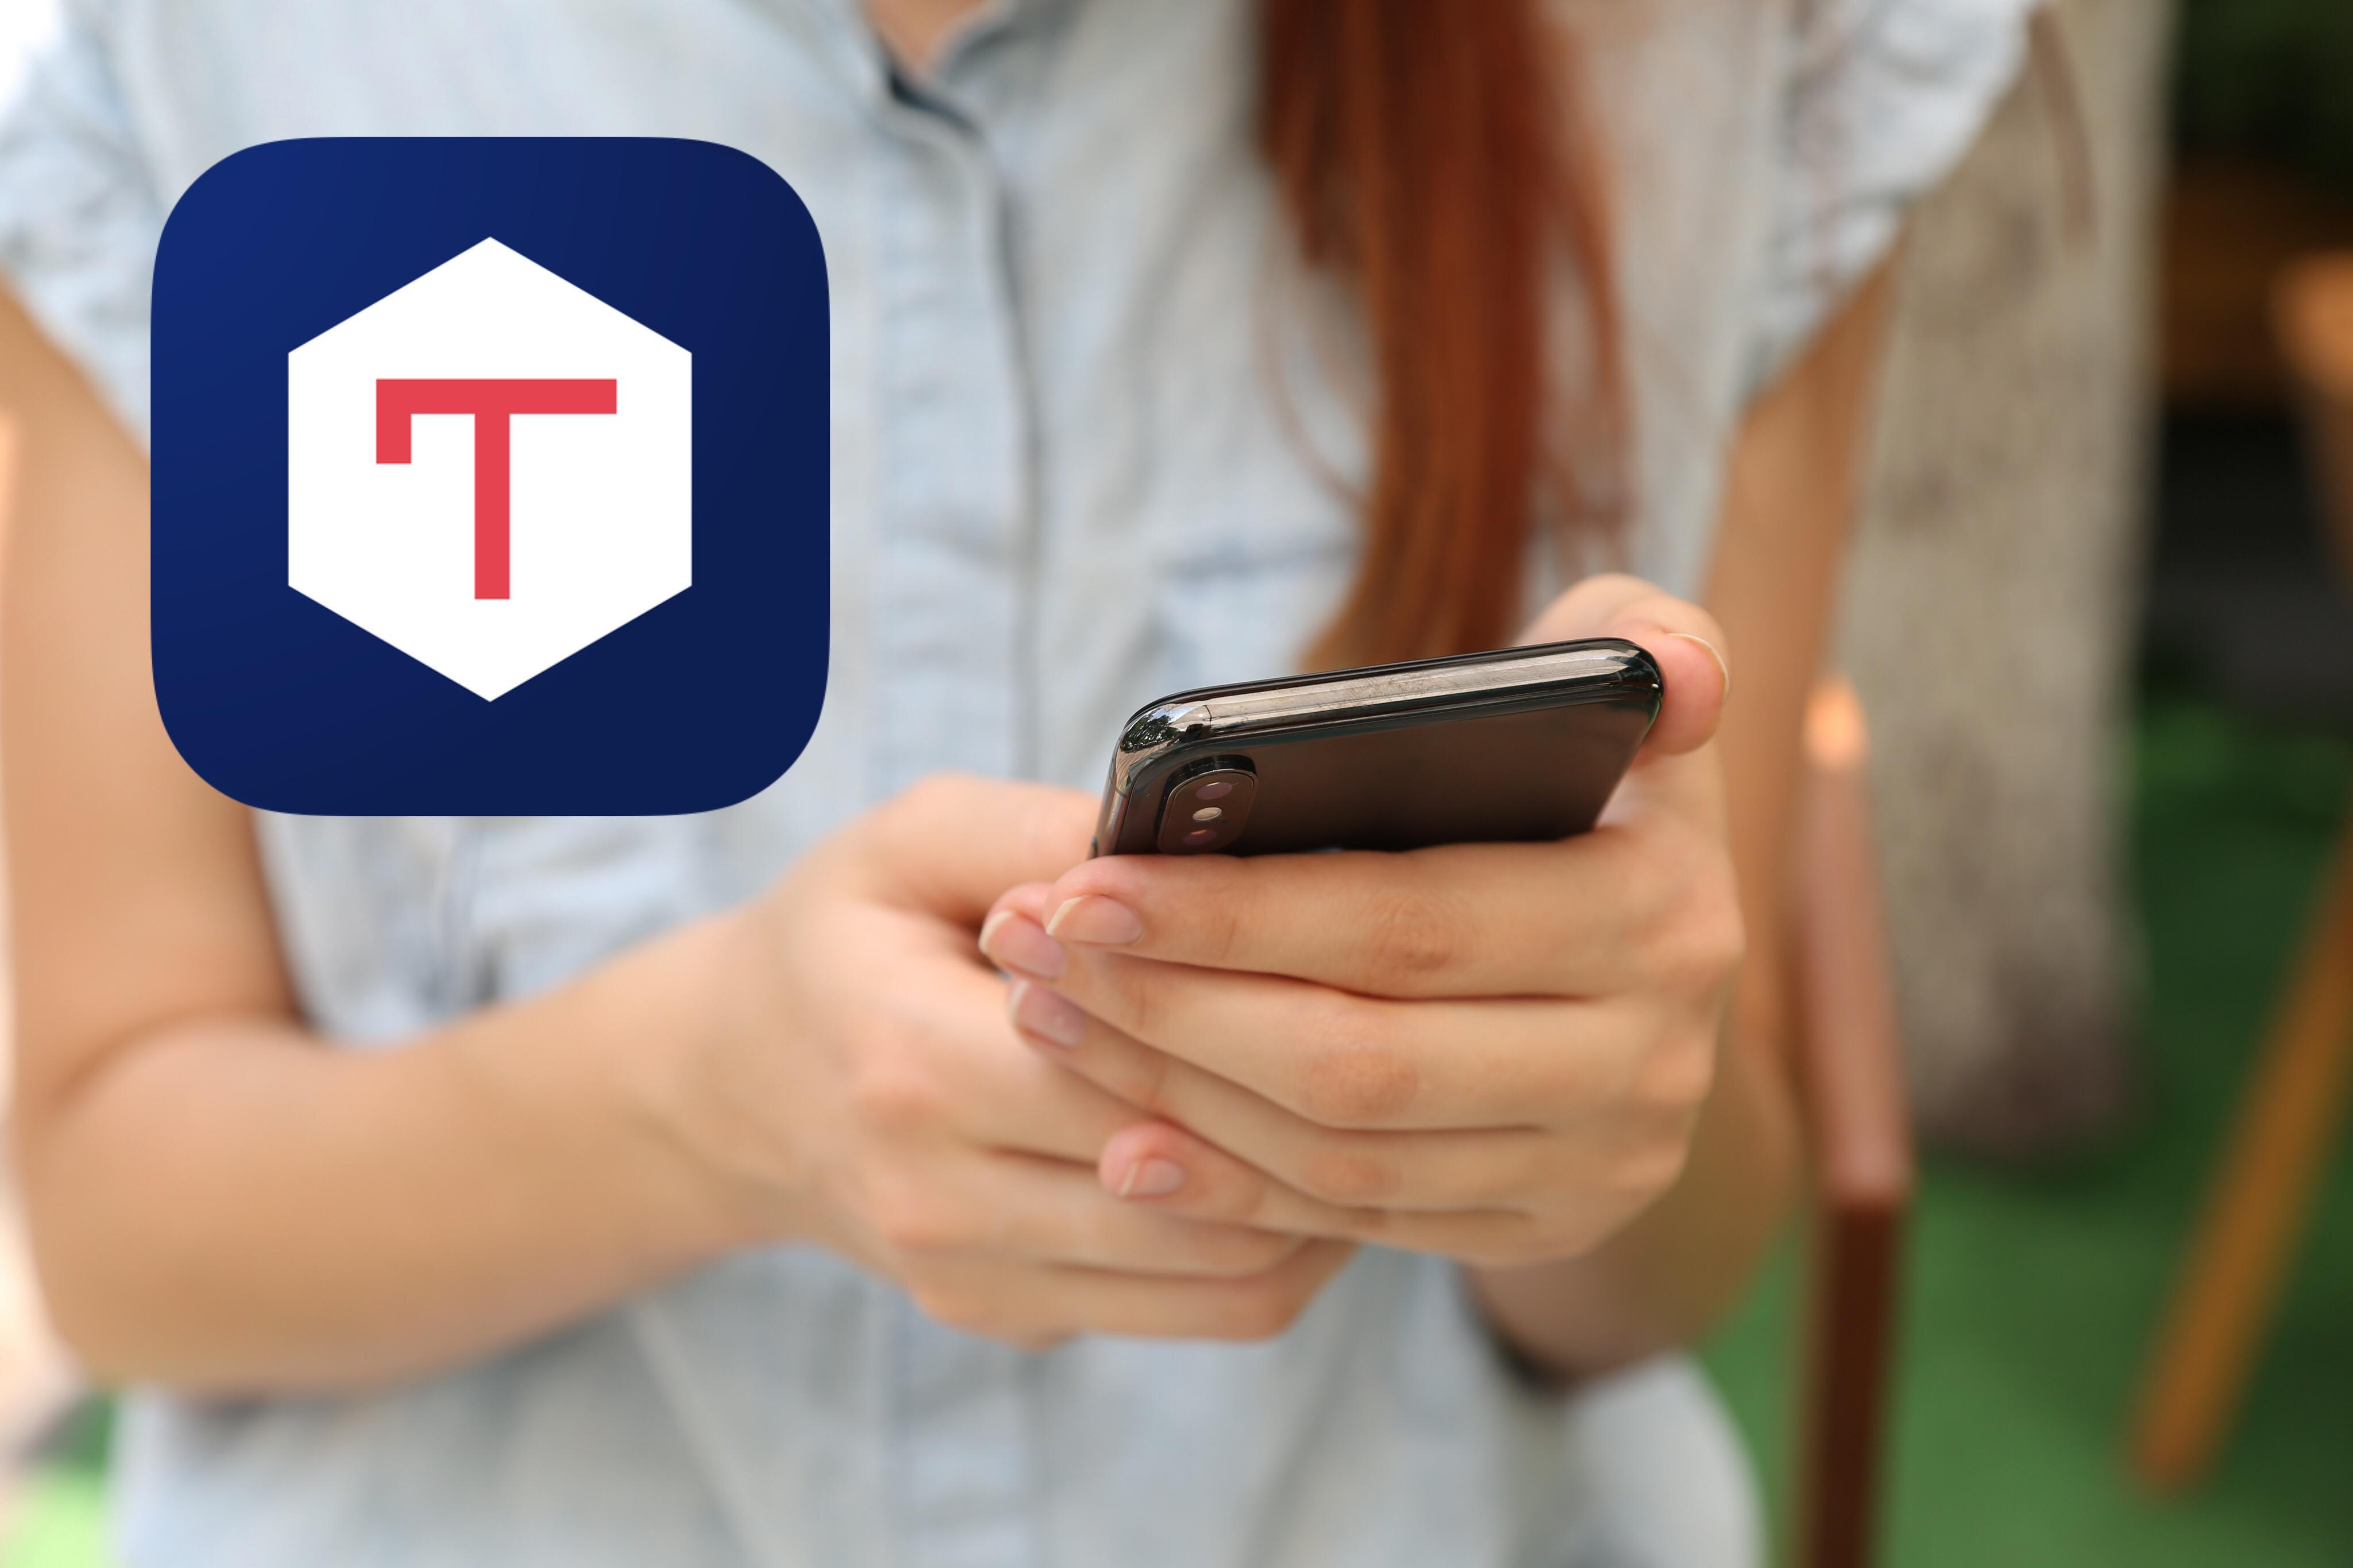 Voici Tchap, la nouvelle messagerie iOS et Android sécurisée des officiels français 1